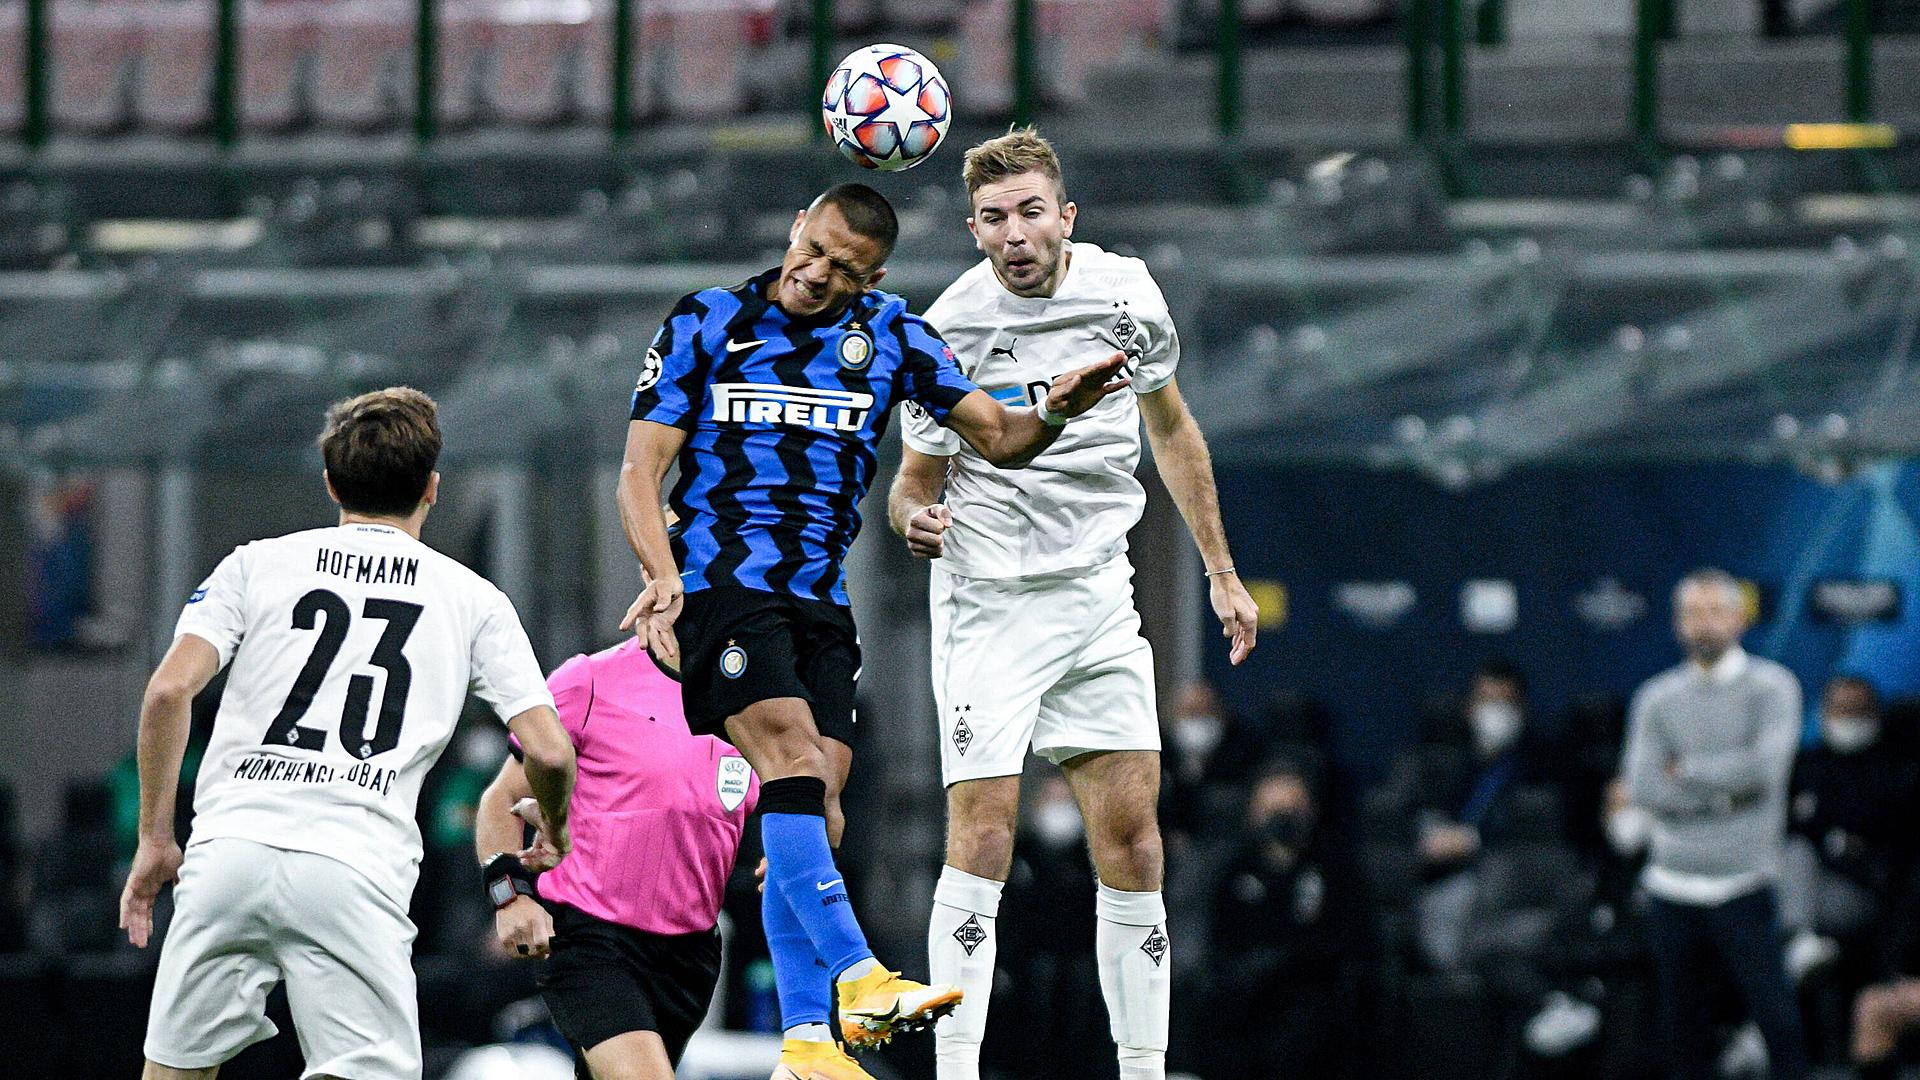 Borussia Monchengladbach Gibt Sieg In Mailand Aus Der Hand Die Champions League Im Ticker Zum Nachlesen Goal Com